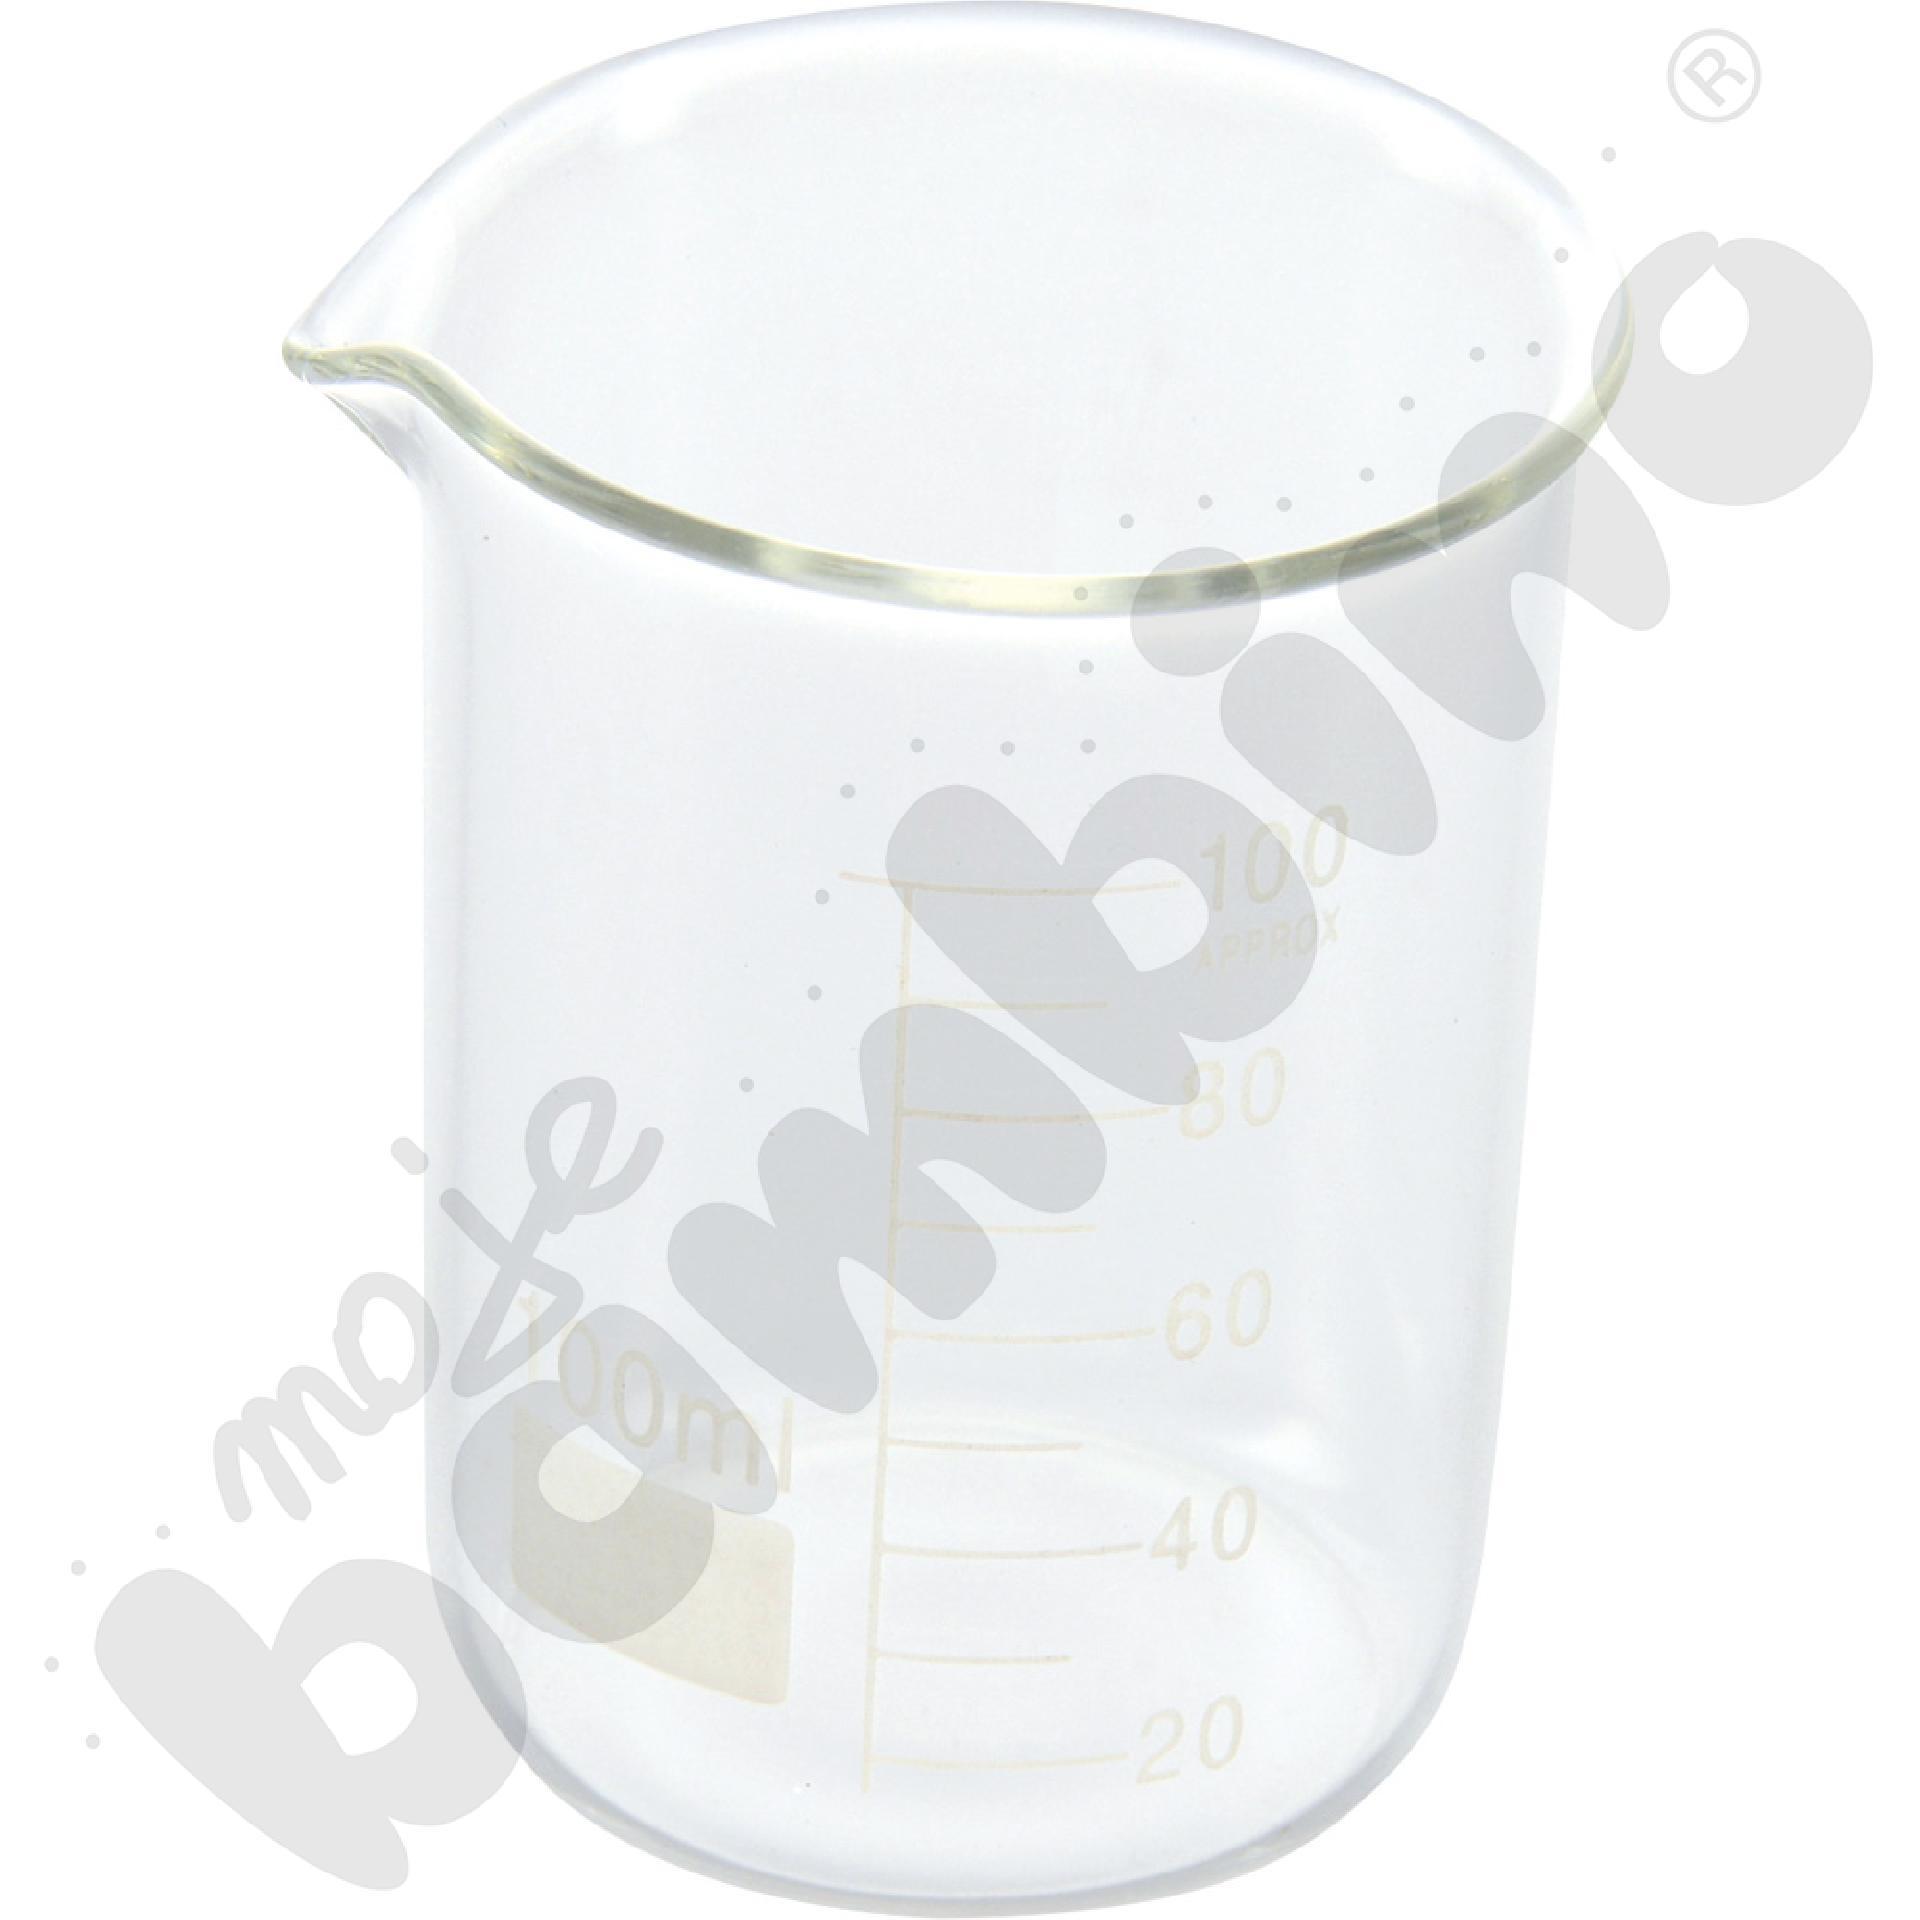 Zlewka niska szklana 100 ml,  10 szt.